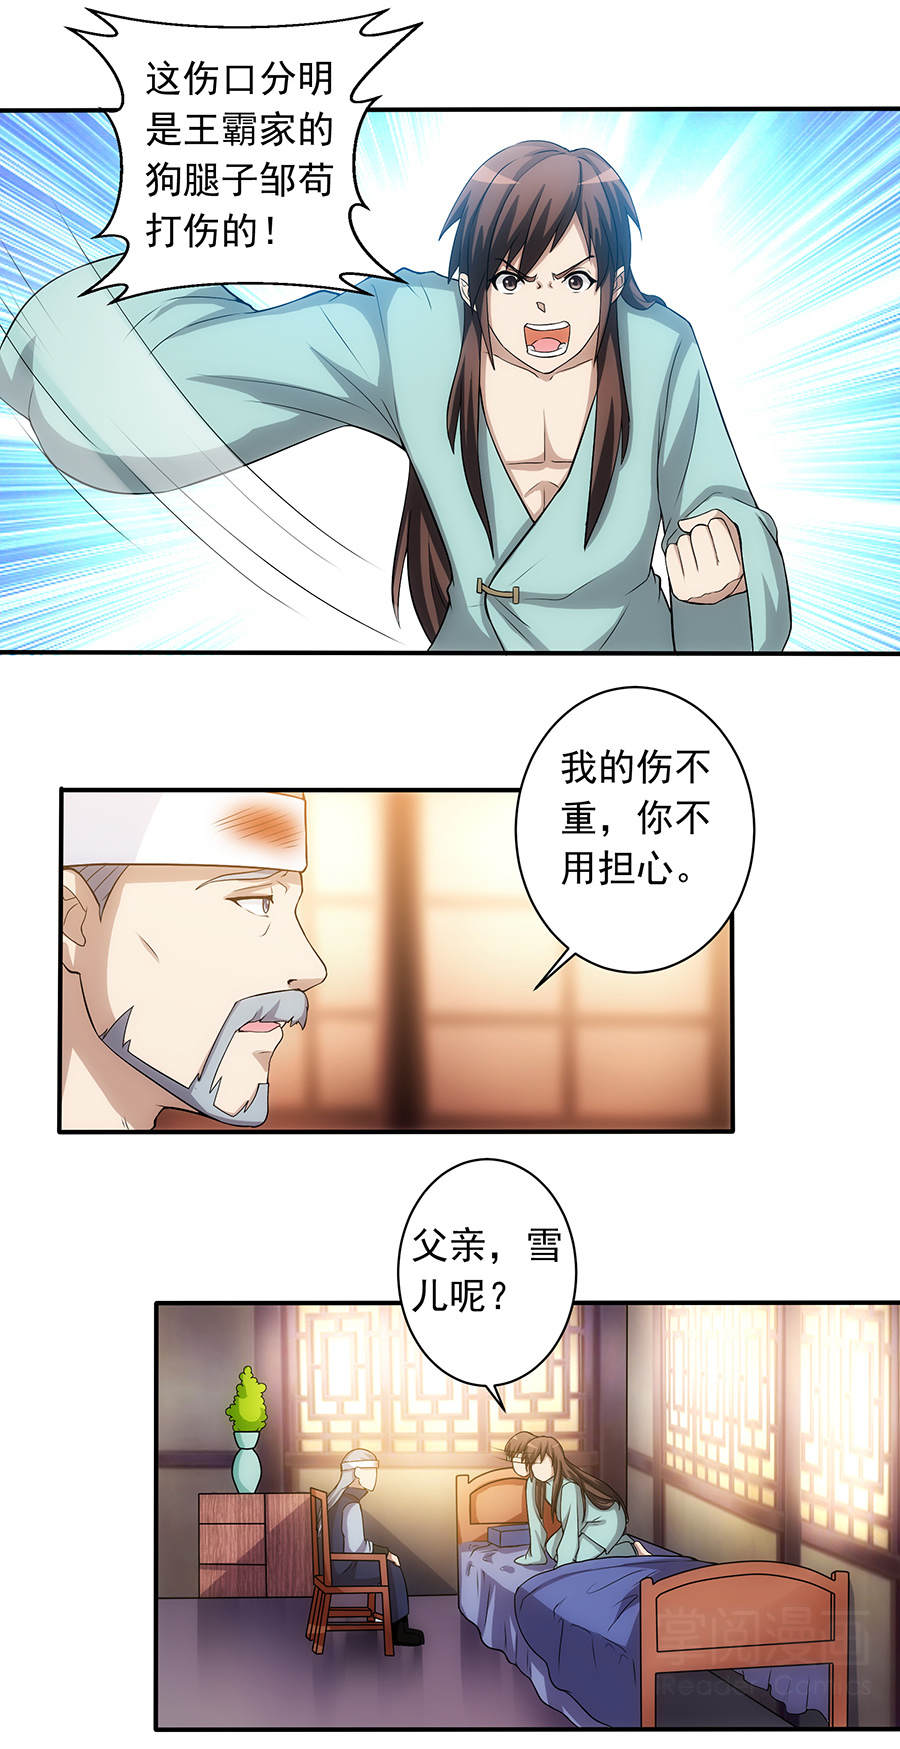 绝世剑神第2话  恶奴上门 第 4